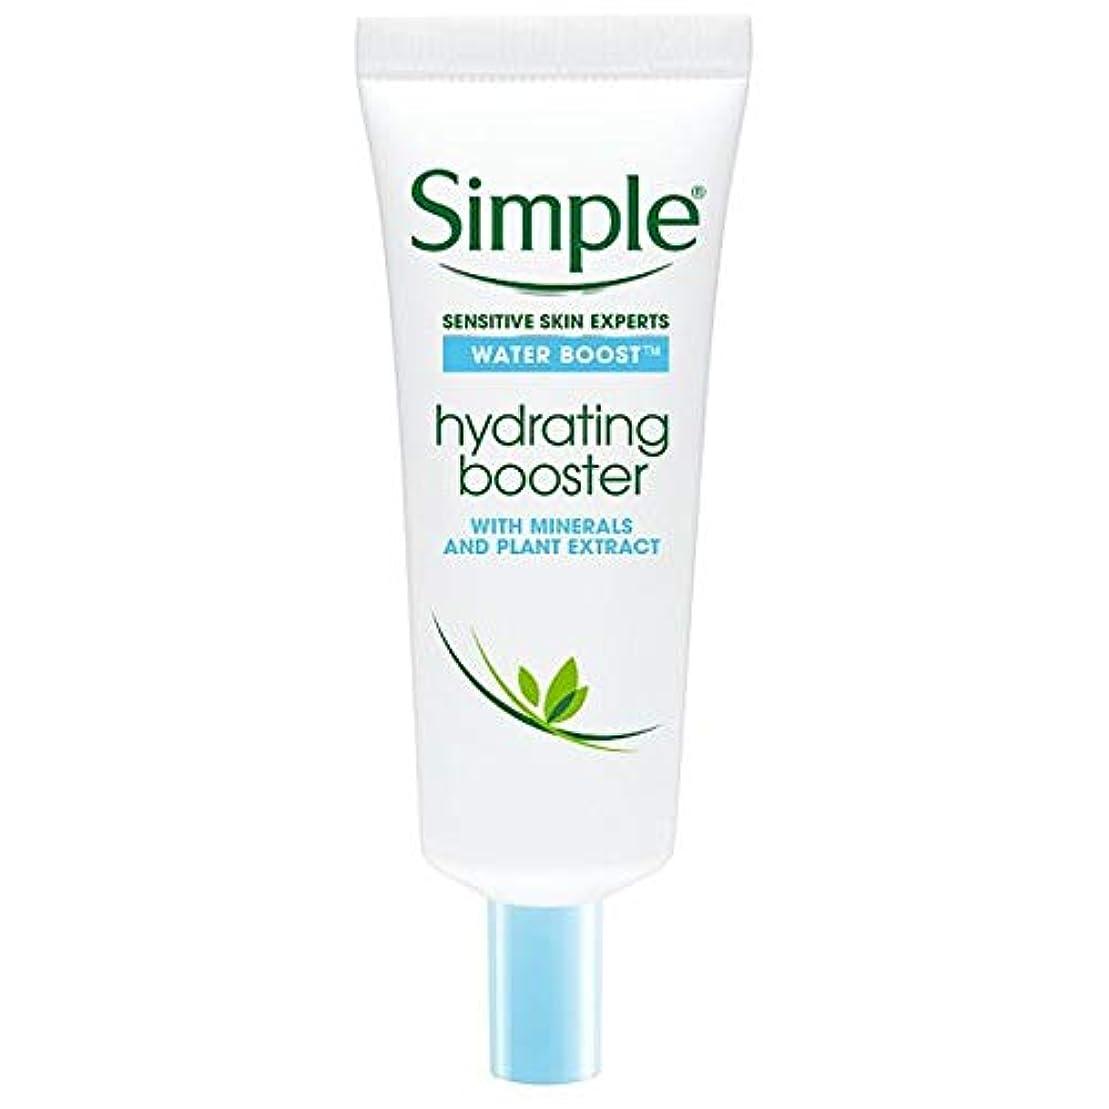 あなたは日光宿題をする[Simple] シンプルな水ブースト顔水和Bsterの25ミリリットル - Simple Water Boost Face Hydrating Bster 25Ml [並行輸入品]